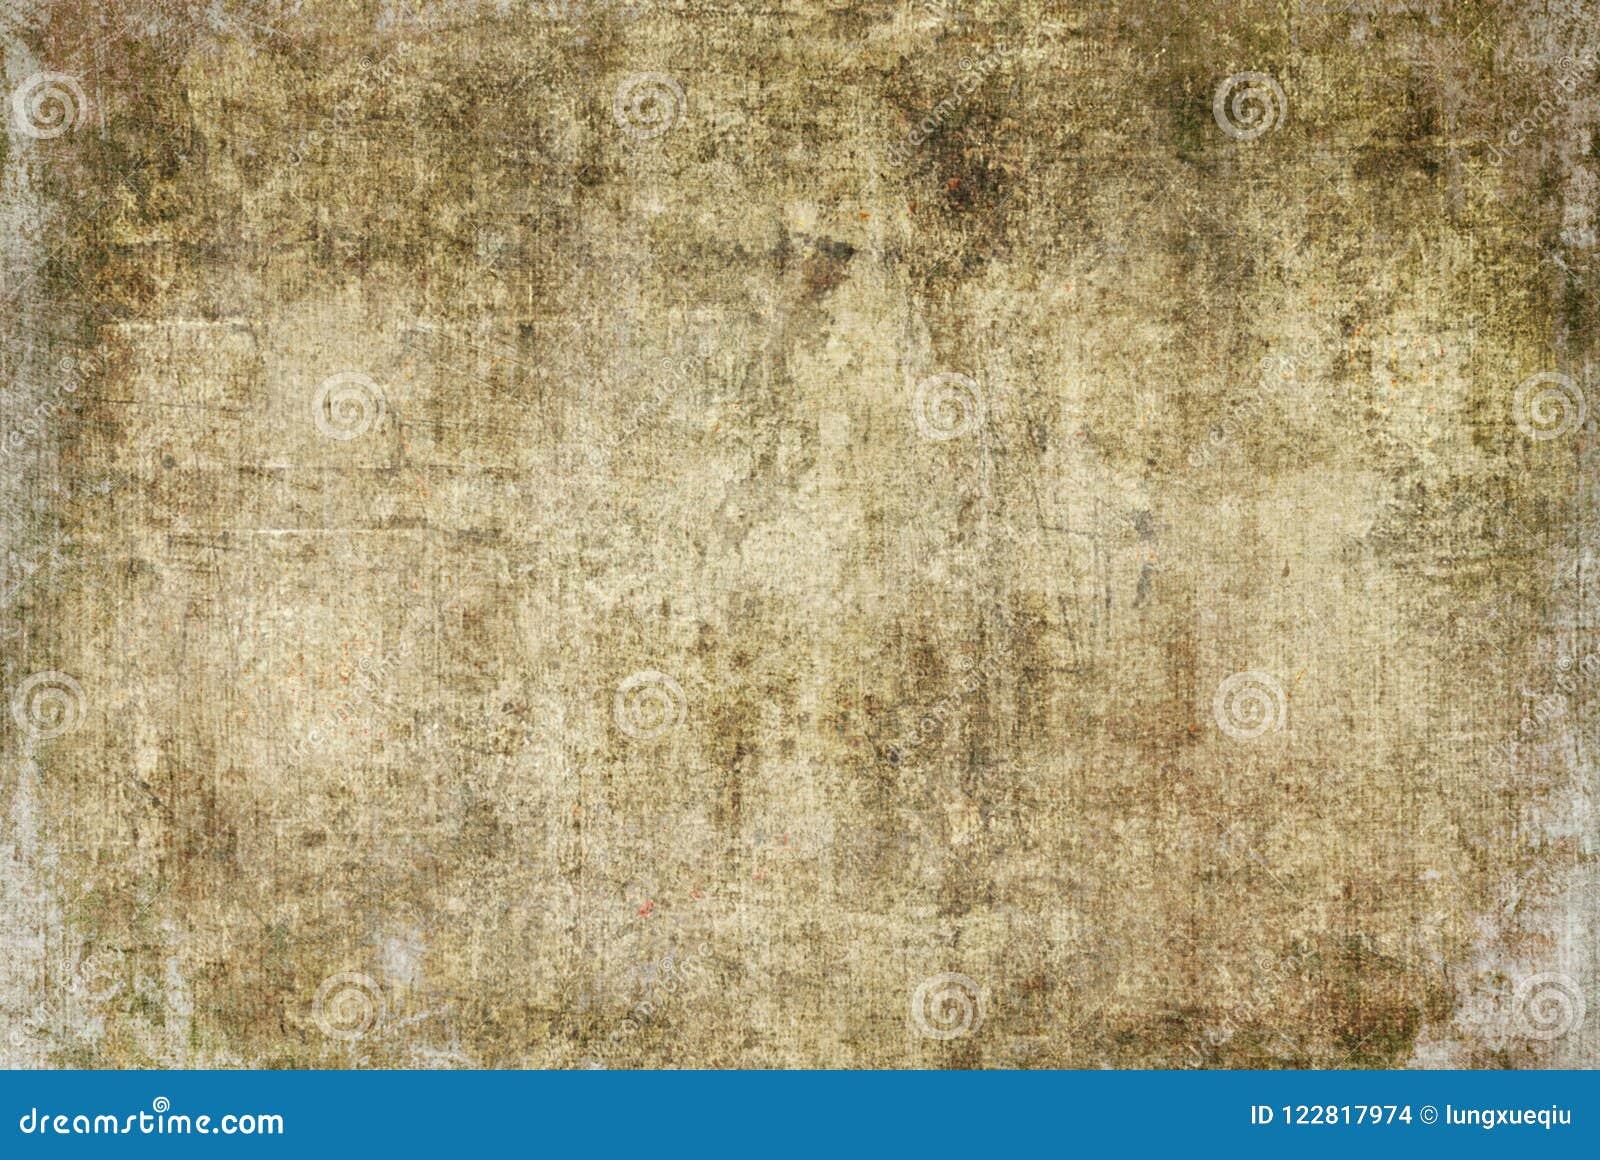 Teste padrão escuro Autumn Background Wallpaper da textura da pintura da lona de Rusty Distorted Decay Old Abstract do Grunge rac